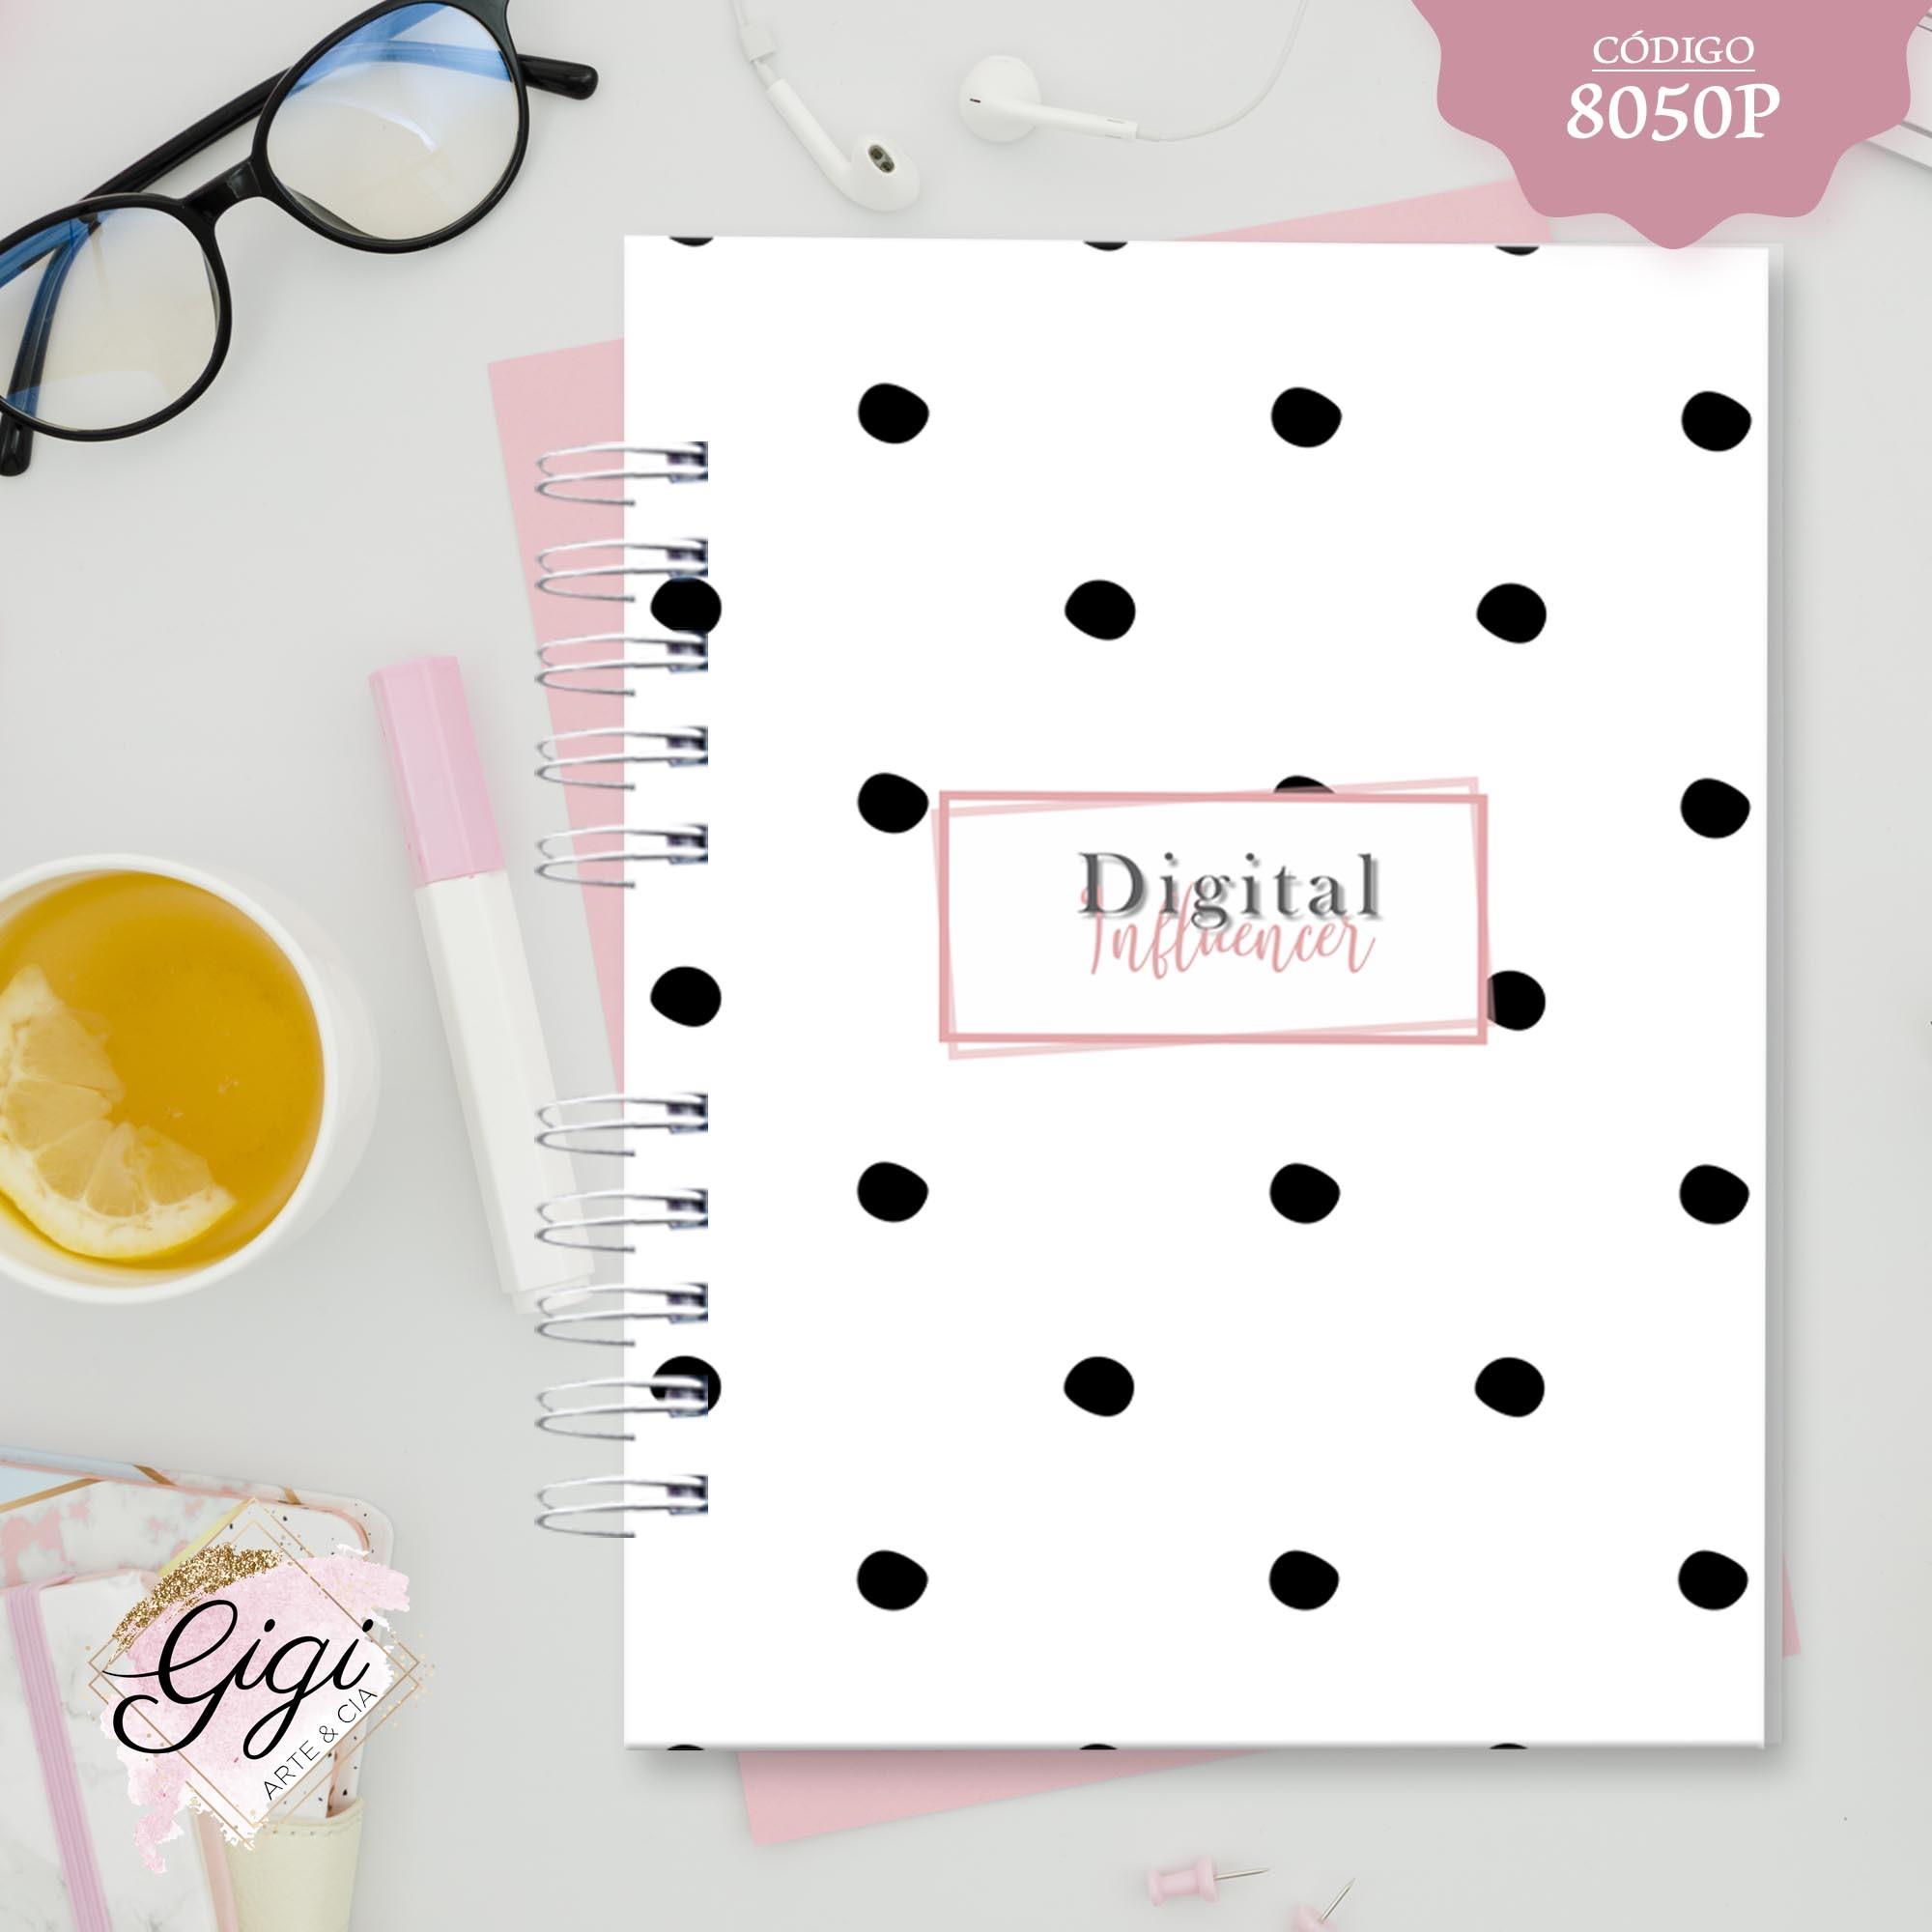 Planner -  Digital Influencer/Redes Sociais  - Gigi Arte e Cia